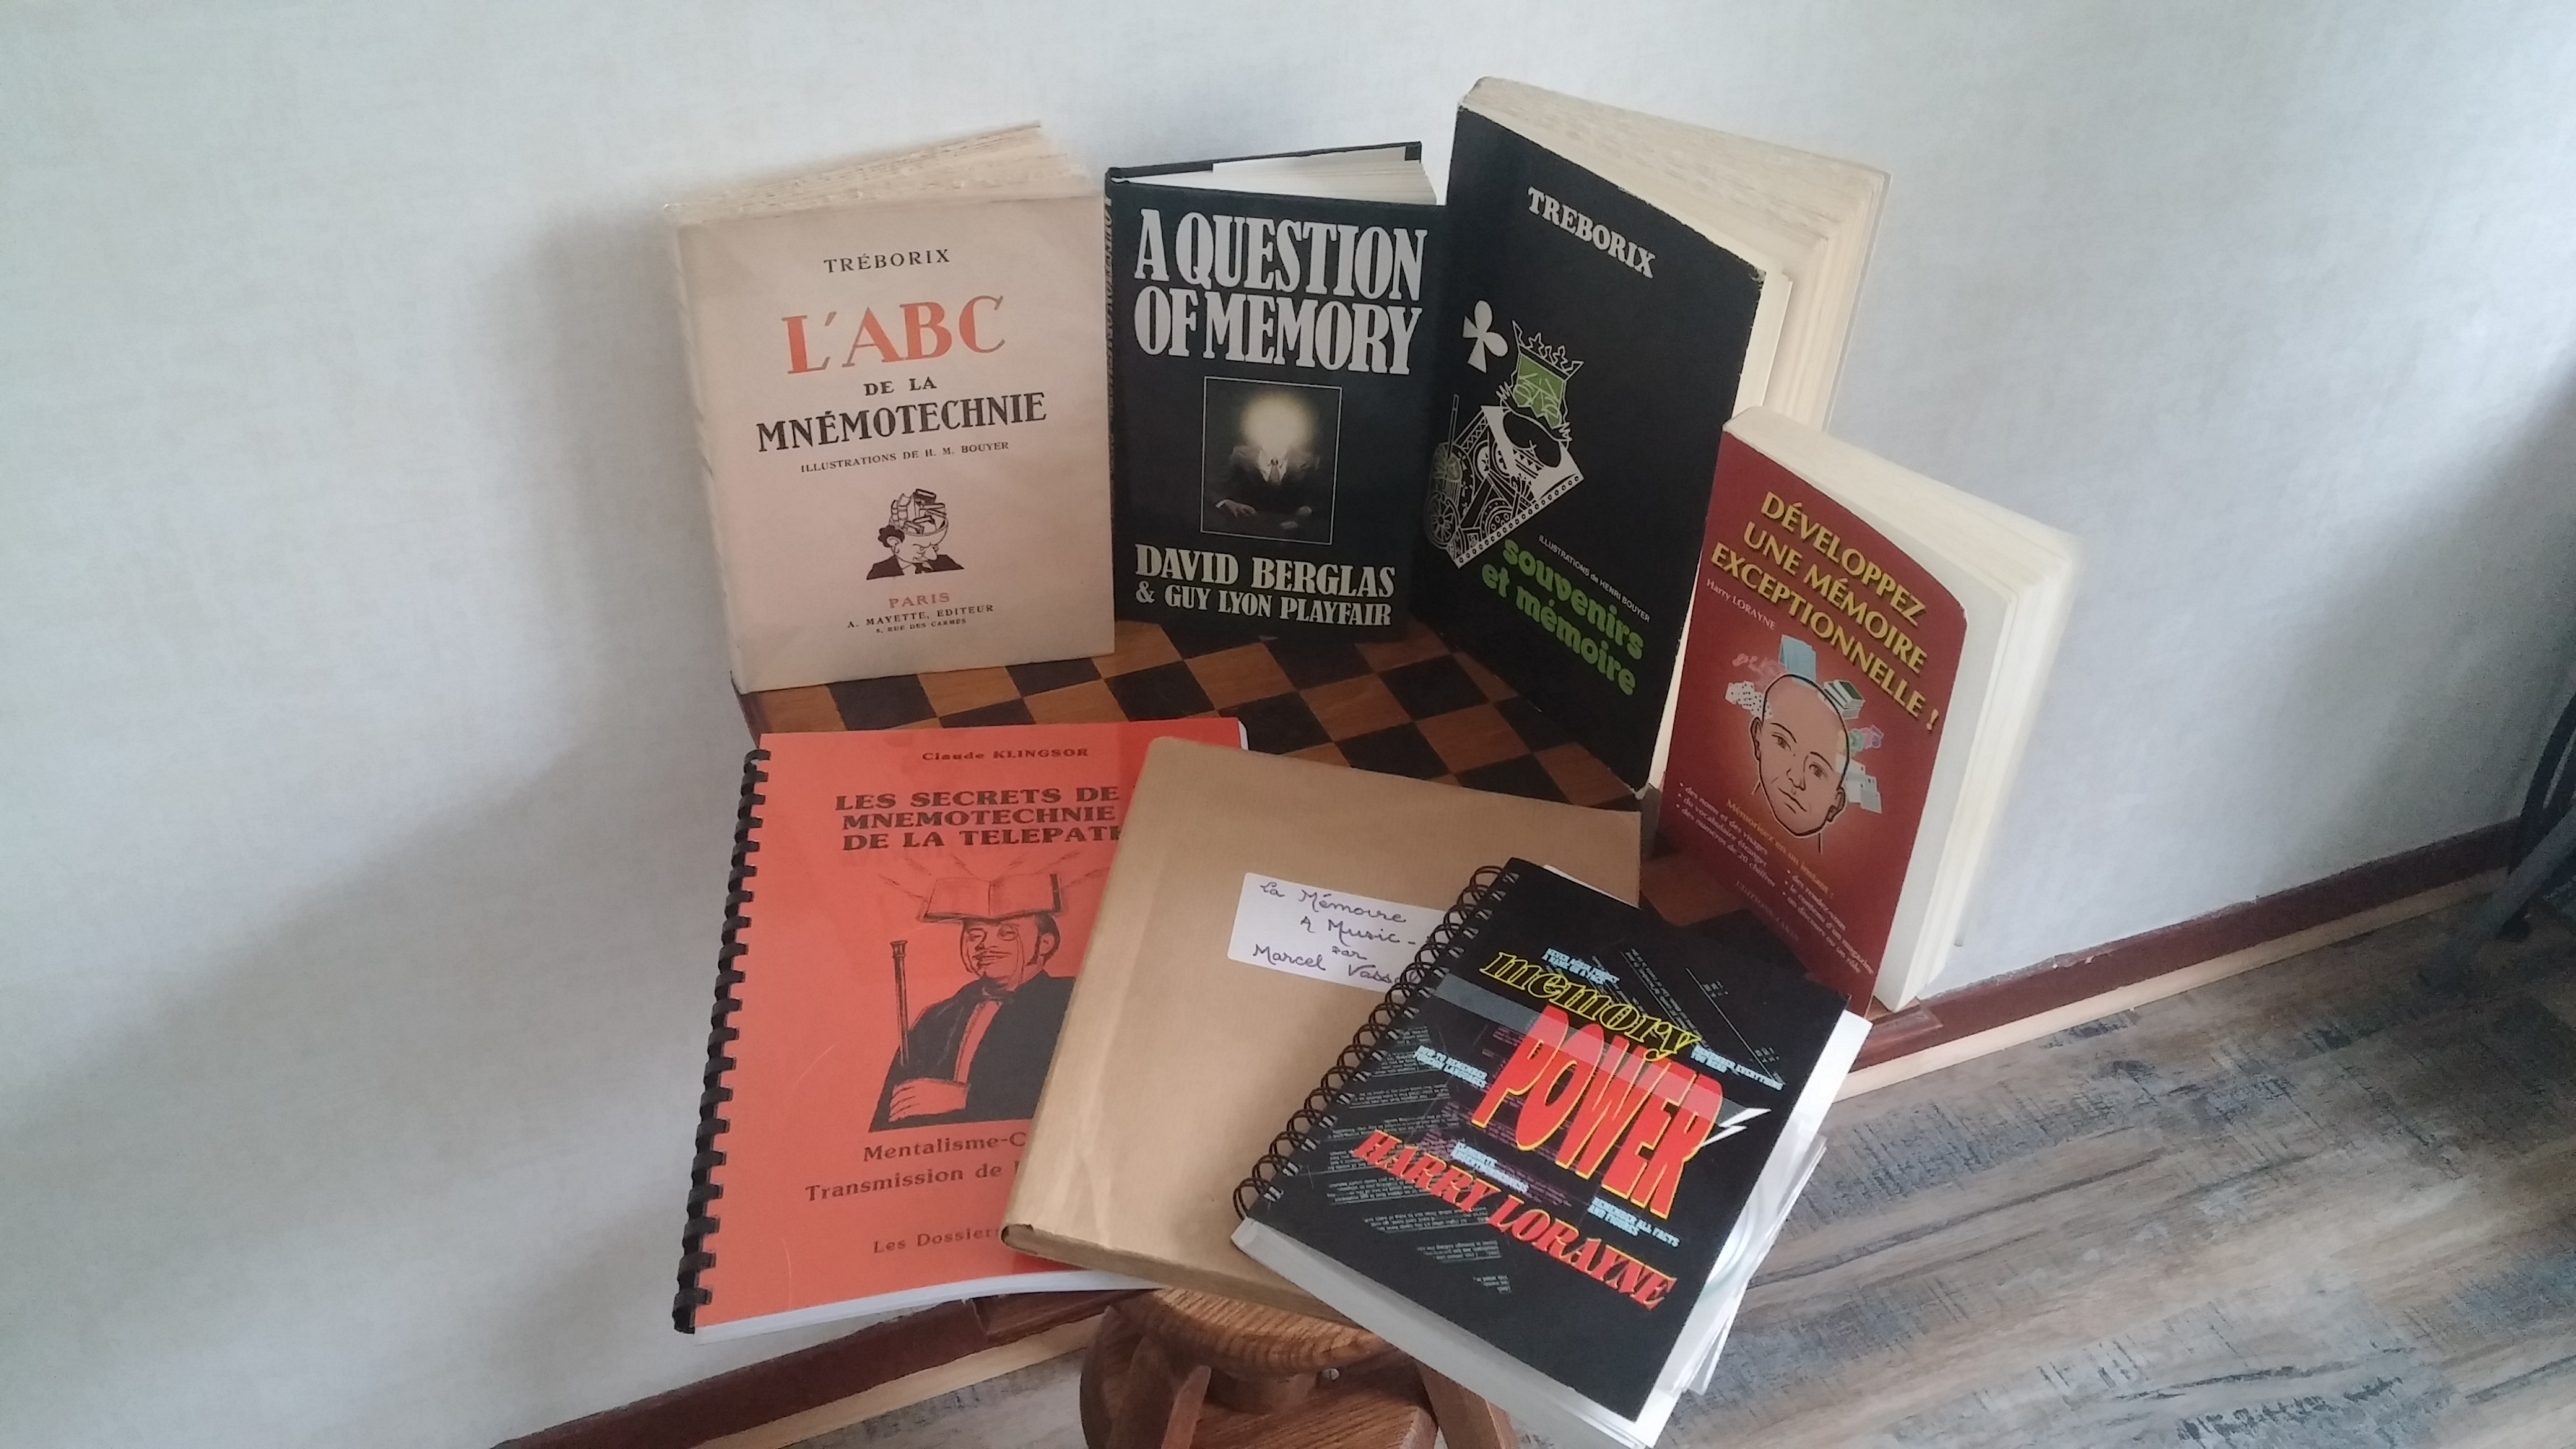 Une partie de ma collection de livres sur la mémoire écrits par des illusionnistes